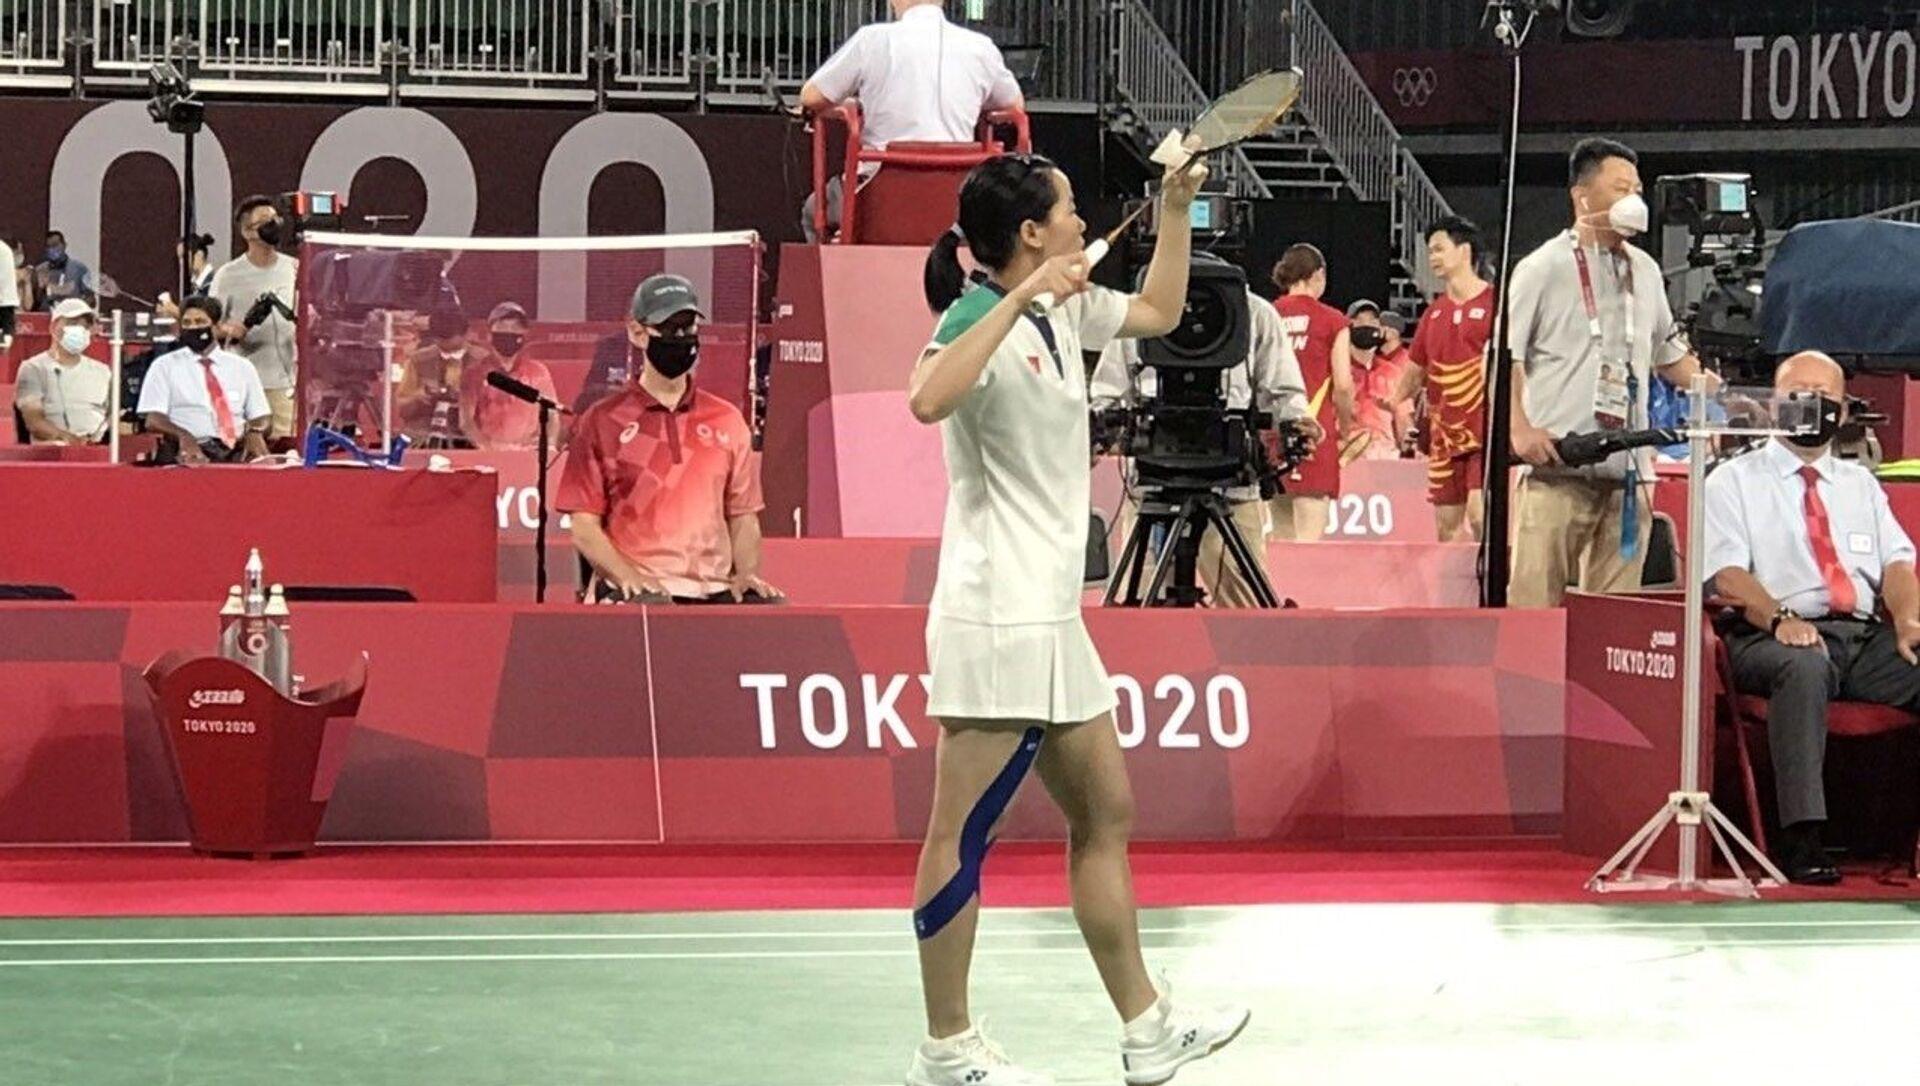 Olympic Tokyo 2020: Tay vợt Thùy Linh giành thắng lợi trong trận mở màn - Sputnik Việt Nam, 1920, 29.07.2021